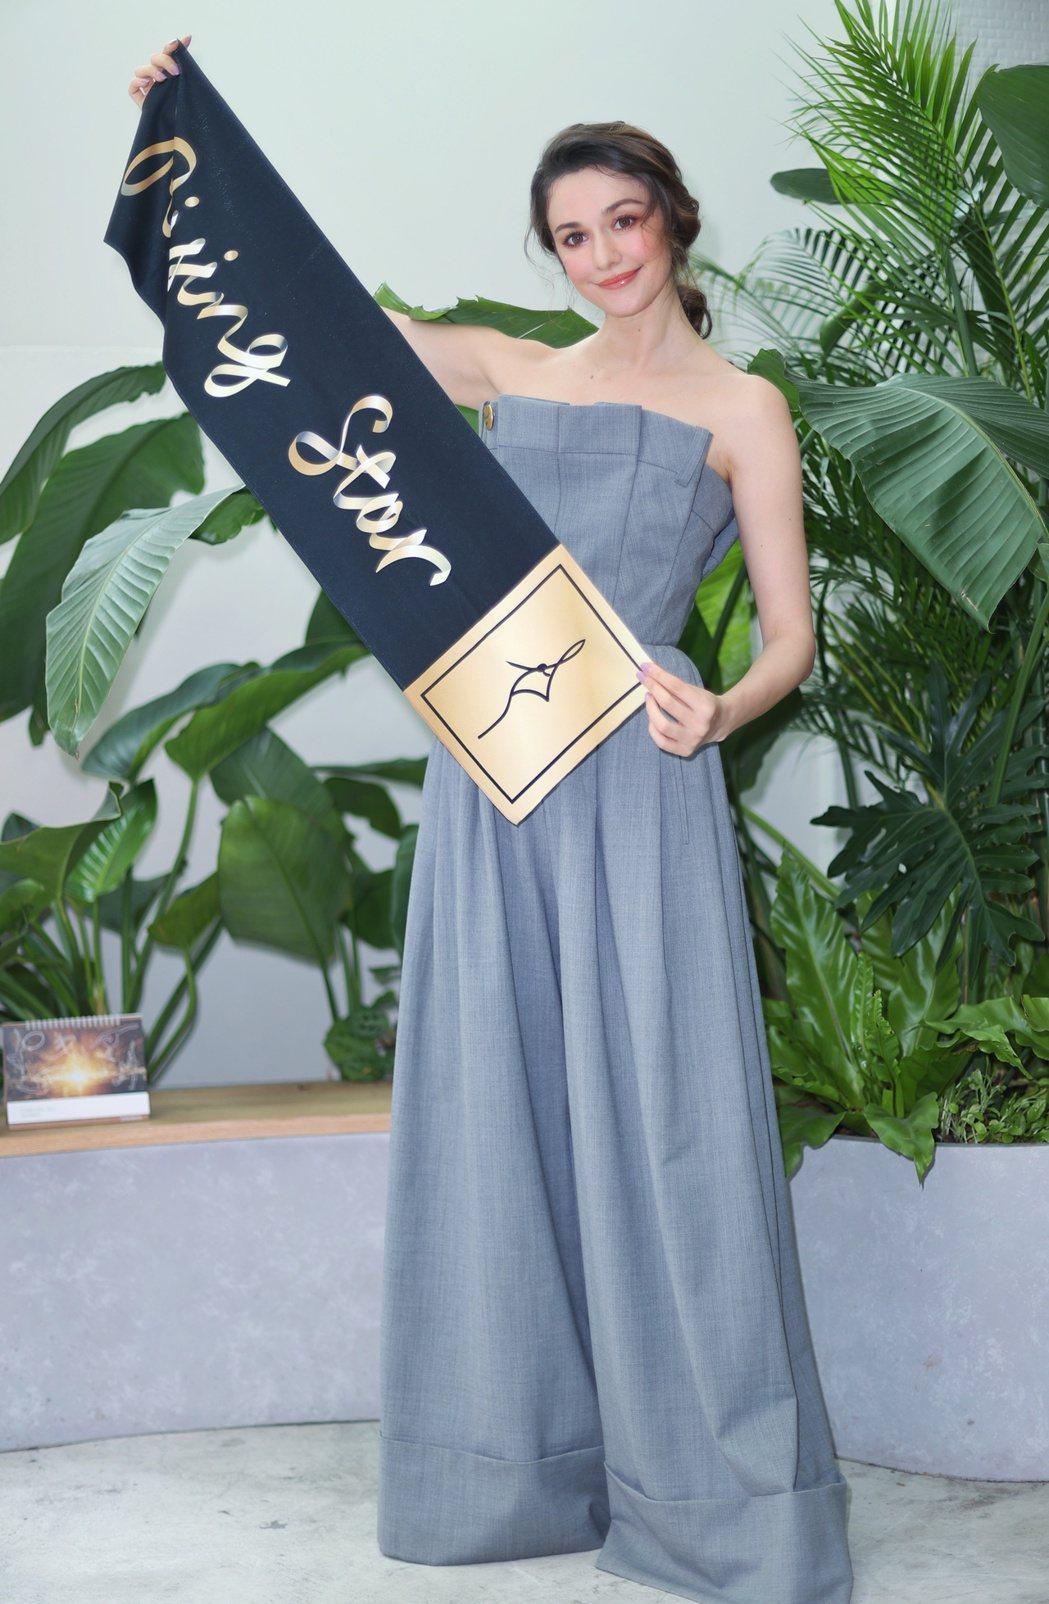 瑞莎將主辦台灣第一場韻律體操賽事「瑞星盃」。記者陳正興/攝影